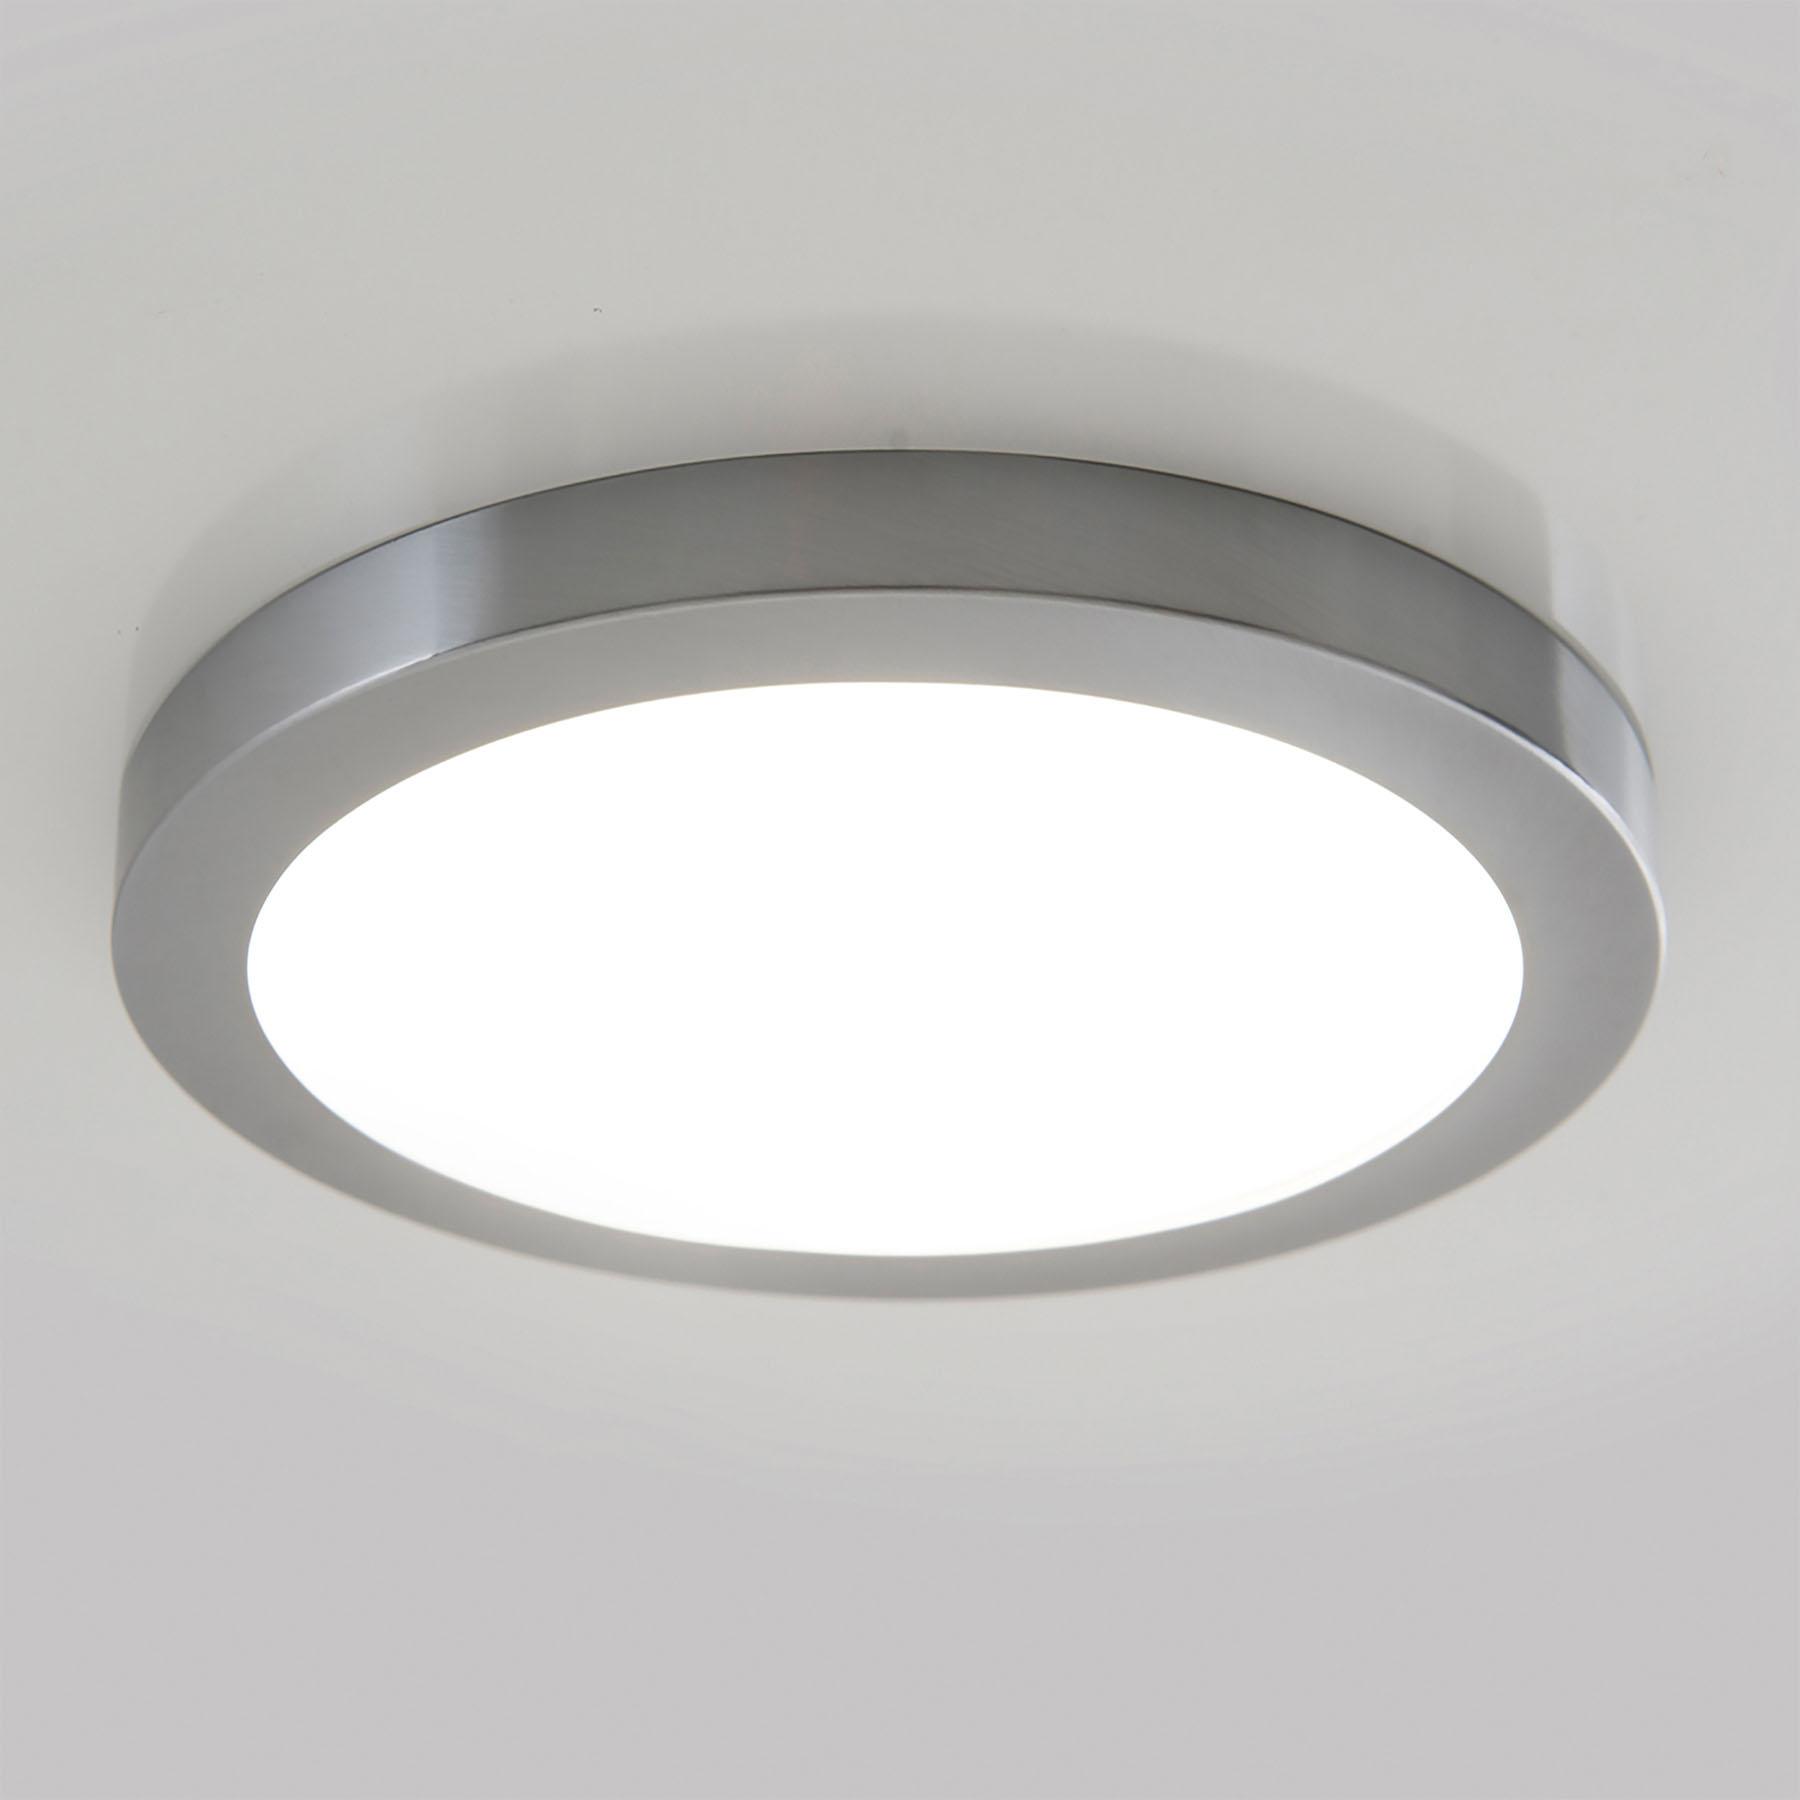 LED-kattovalaisin Bonus, magneettirengas, Ø 22,5cm